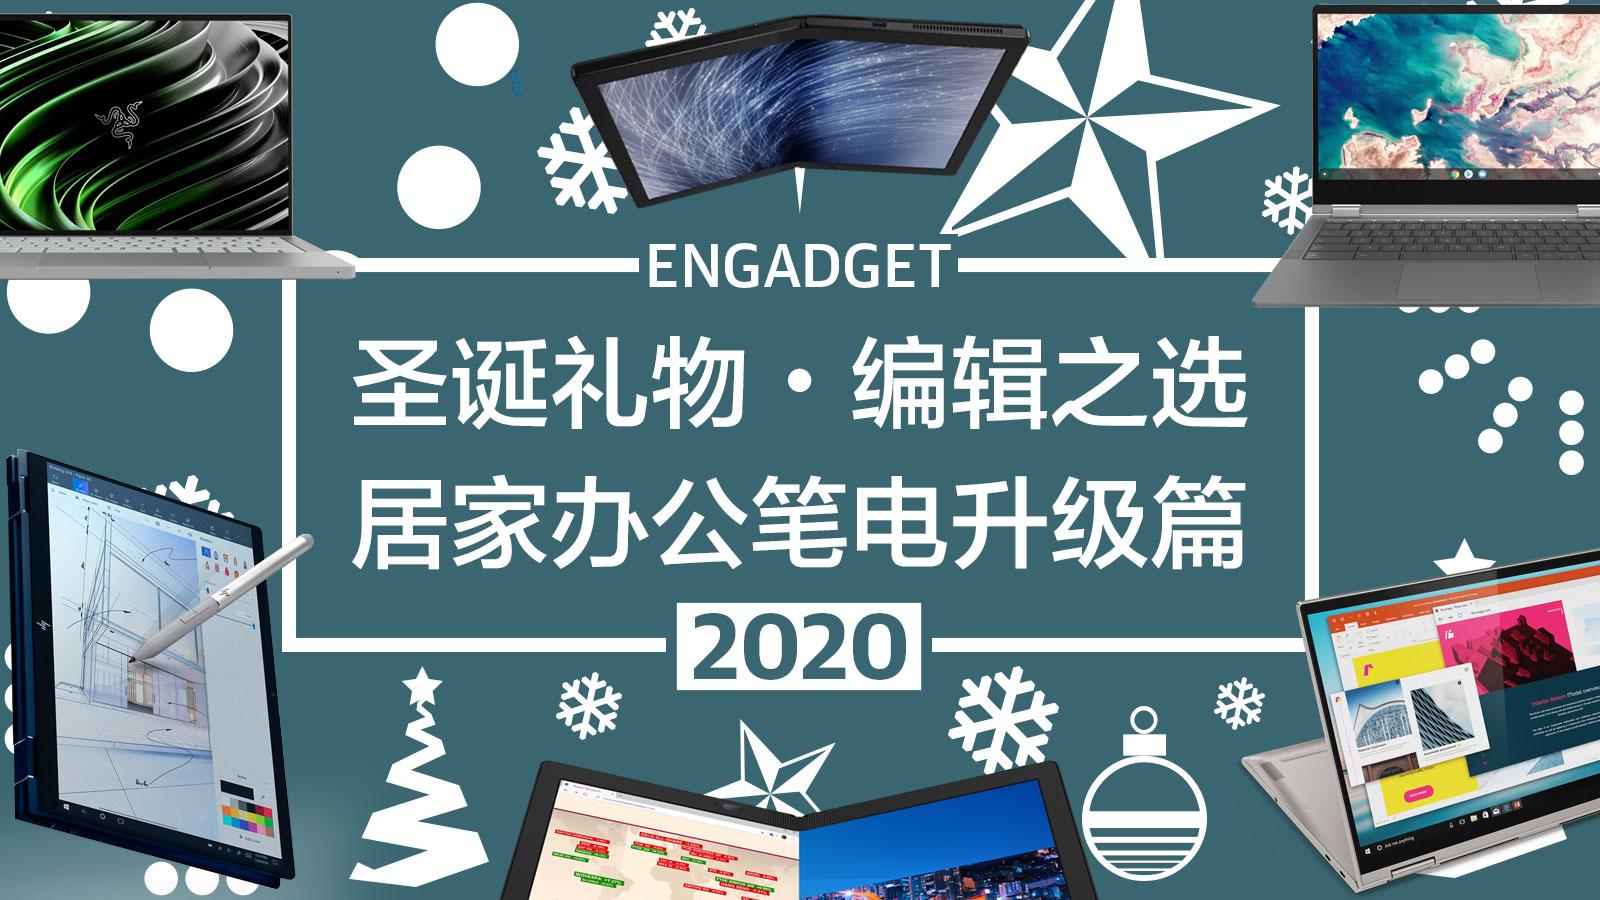 圣诞礼物 2020 编辑之选:回不了办公室,败一台笔电好做事